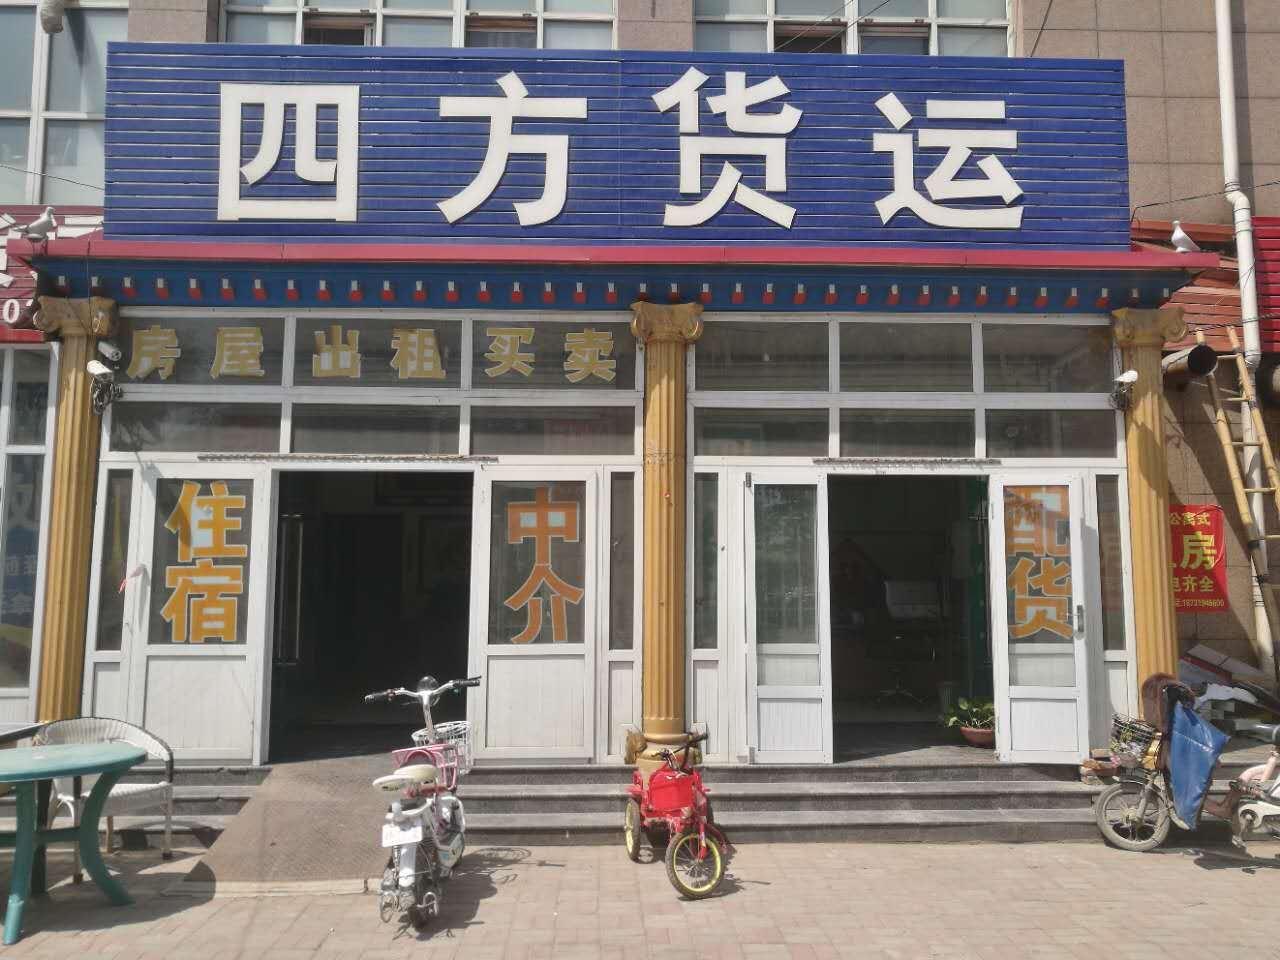 邢台到温州物流专线(宁晋县四方货运服务部)